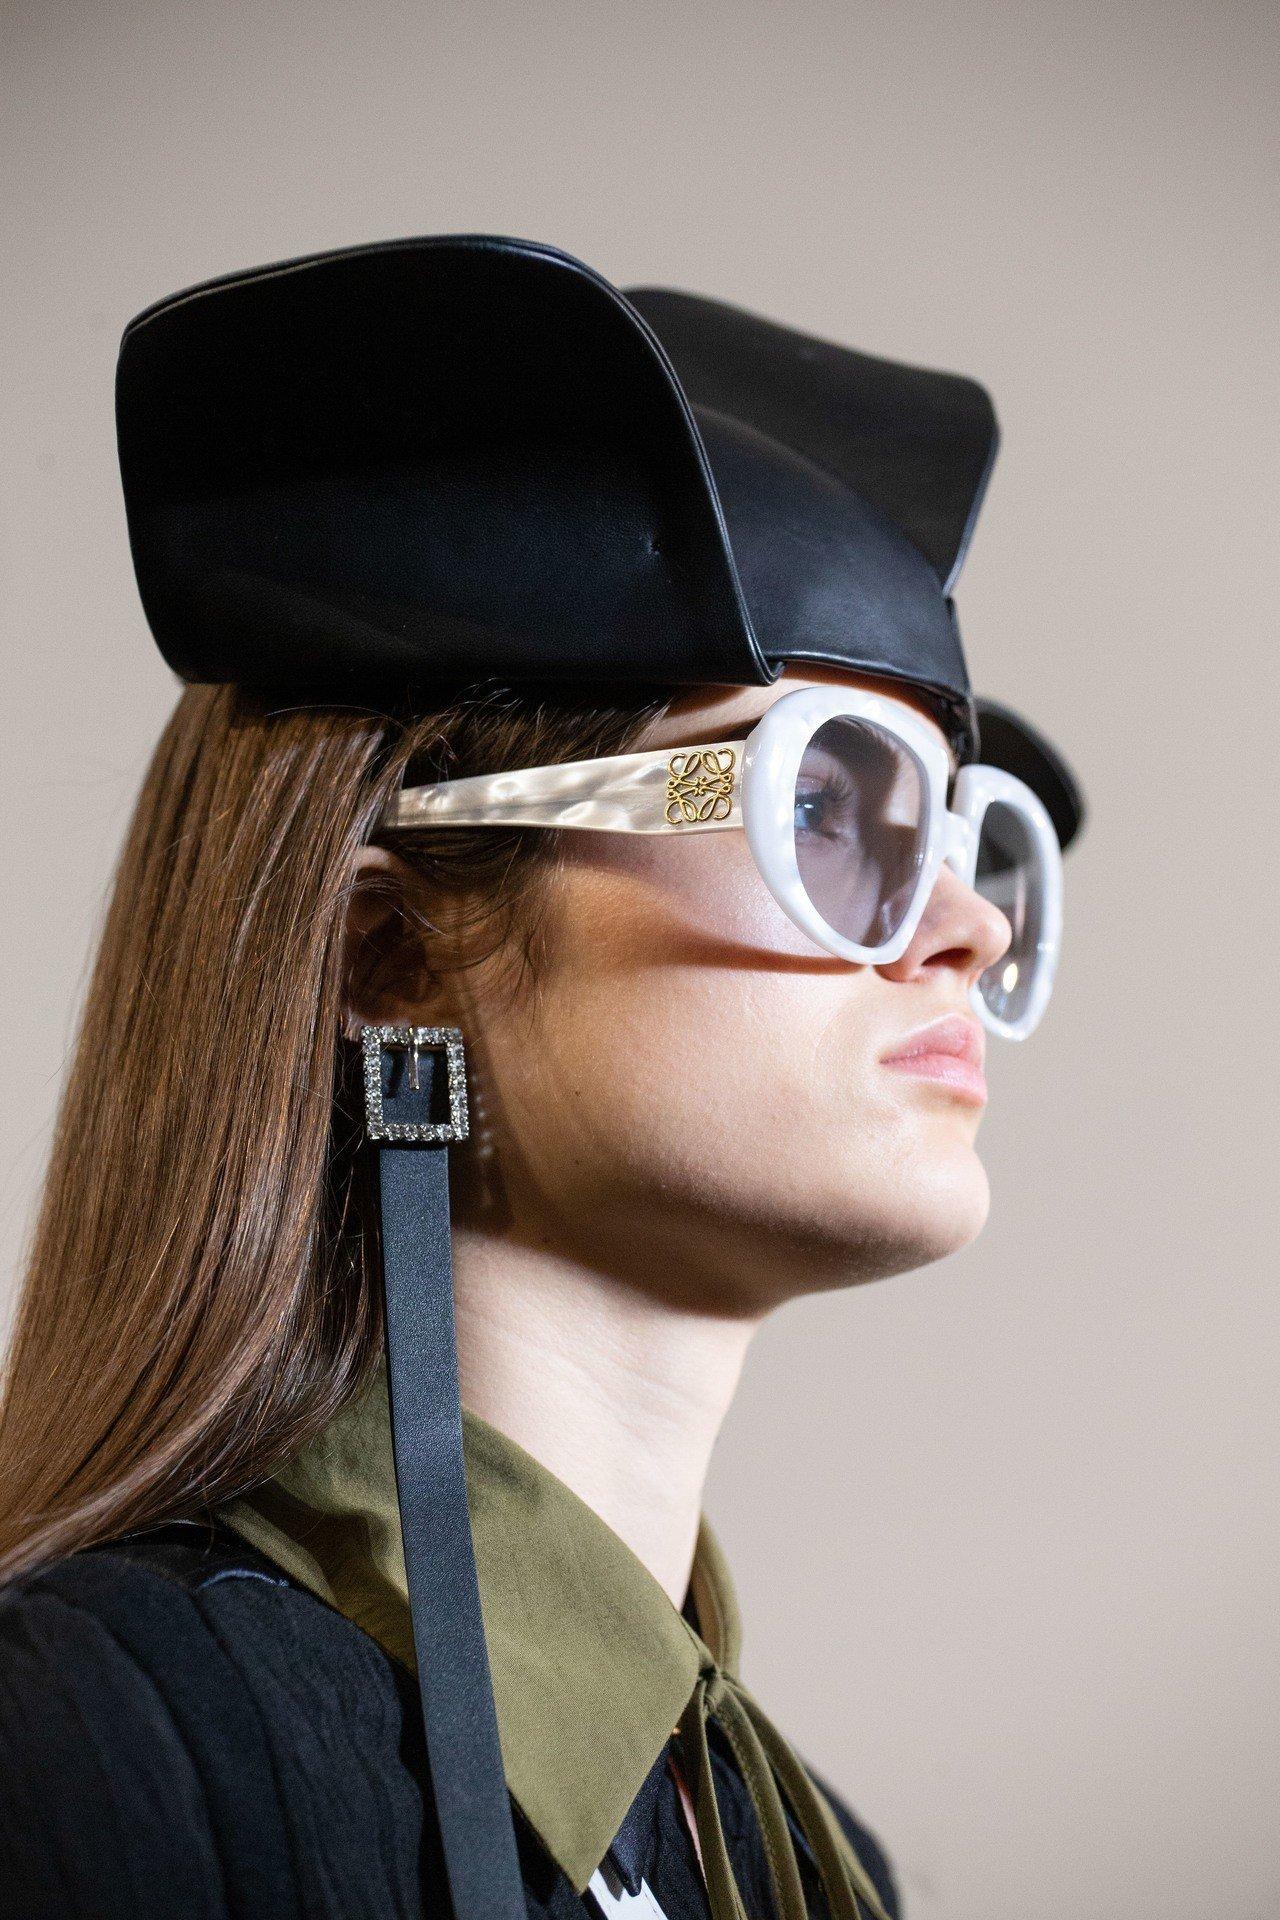 飛翼狀絲緞無邊帽的靈感來自上世紀五十年代帽商Coret。圖/LOEWE提供